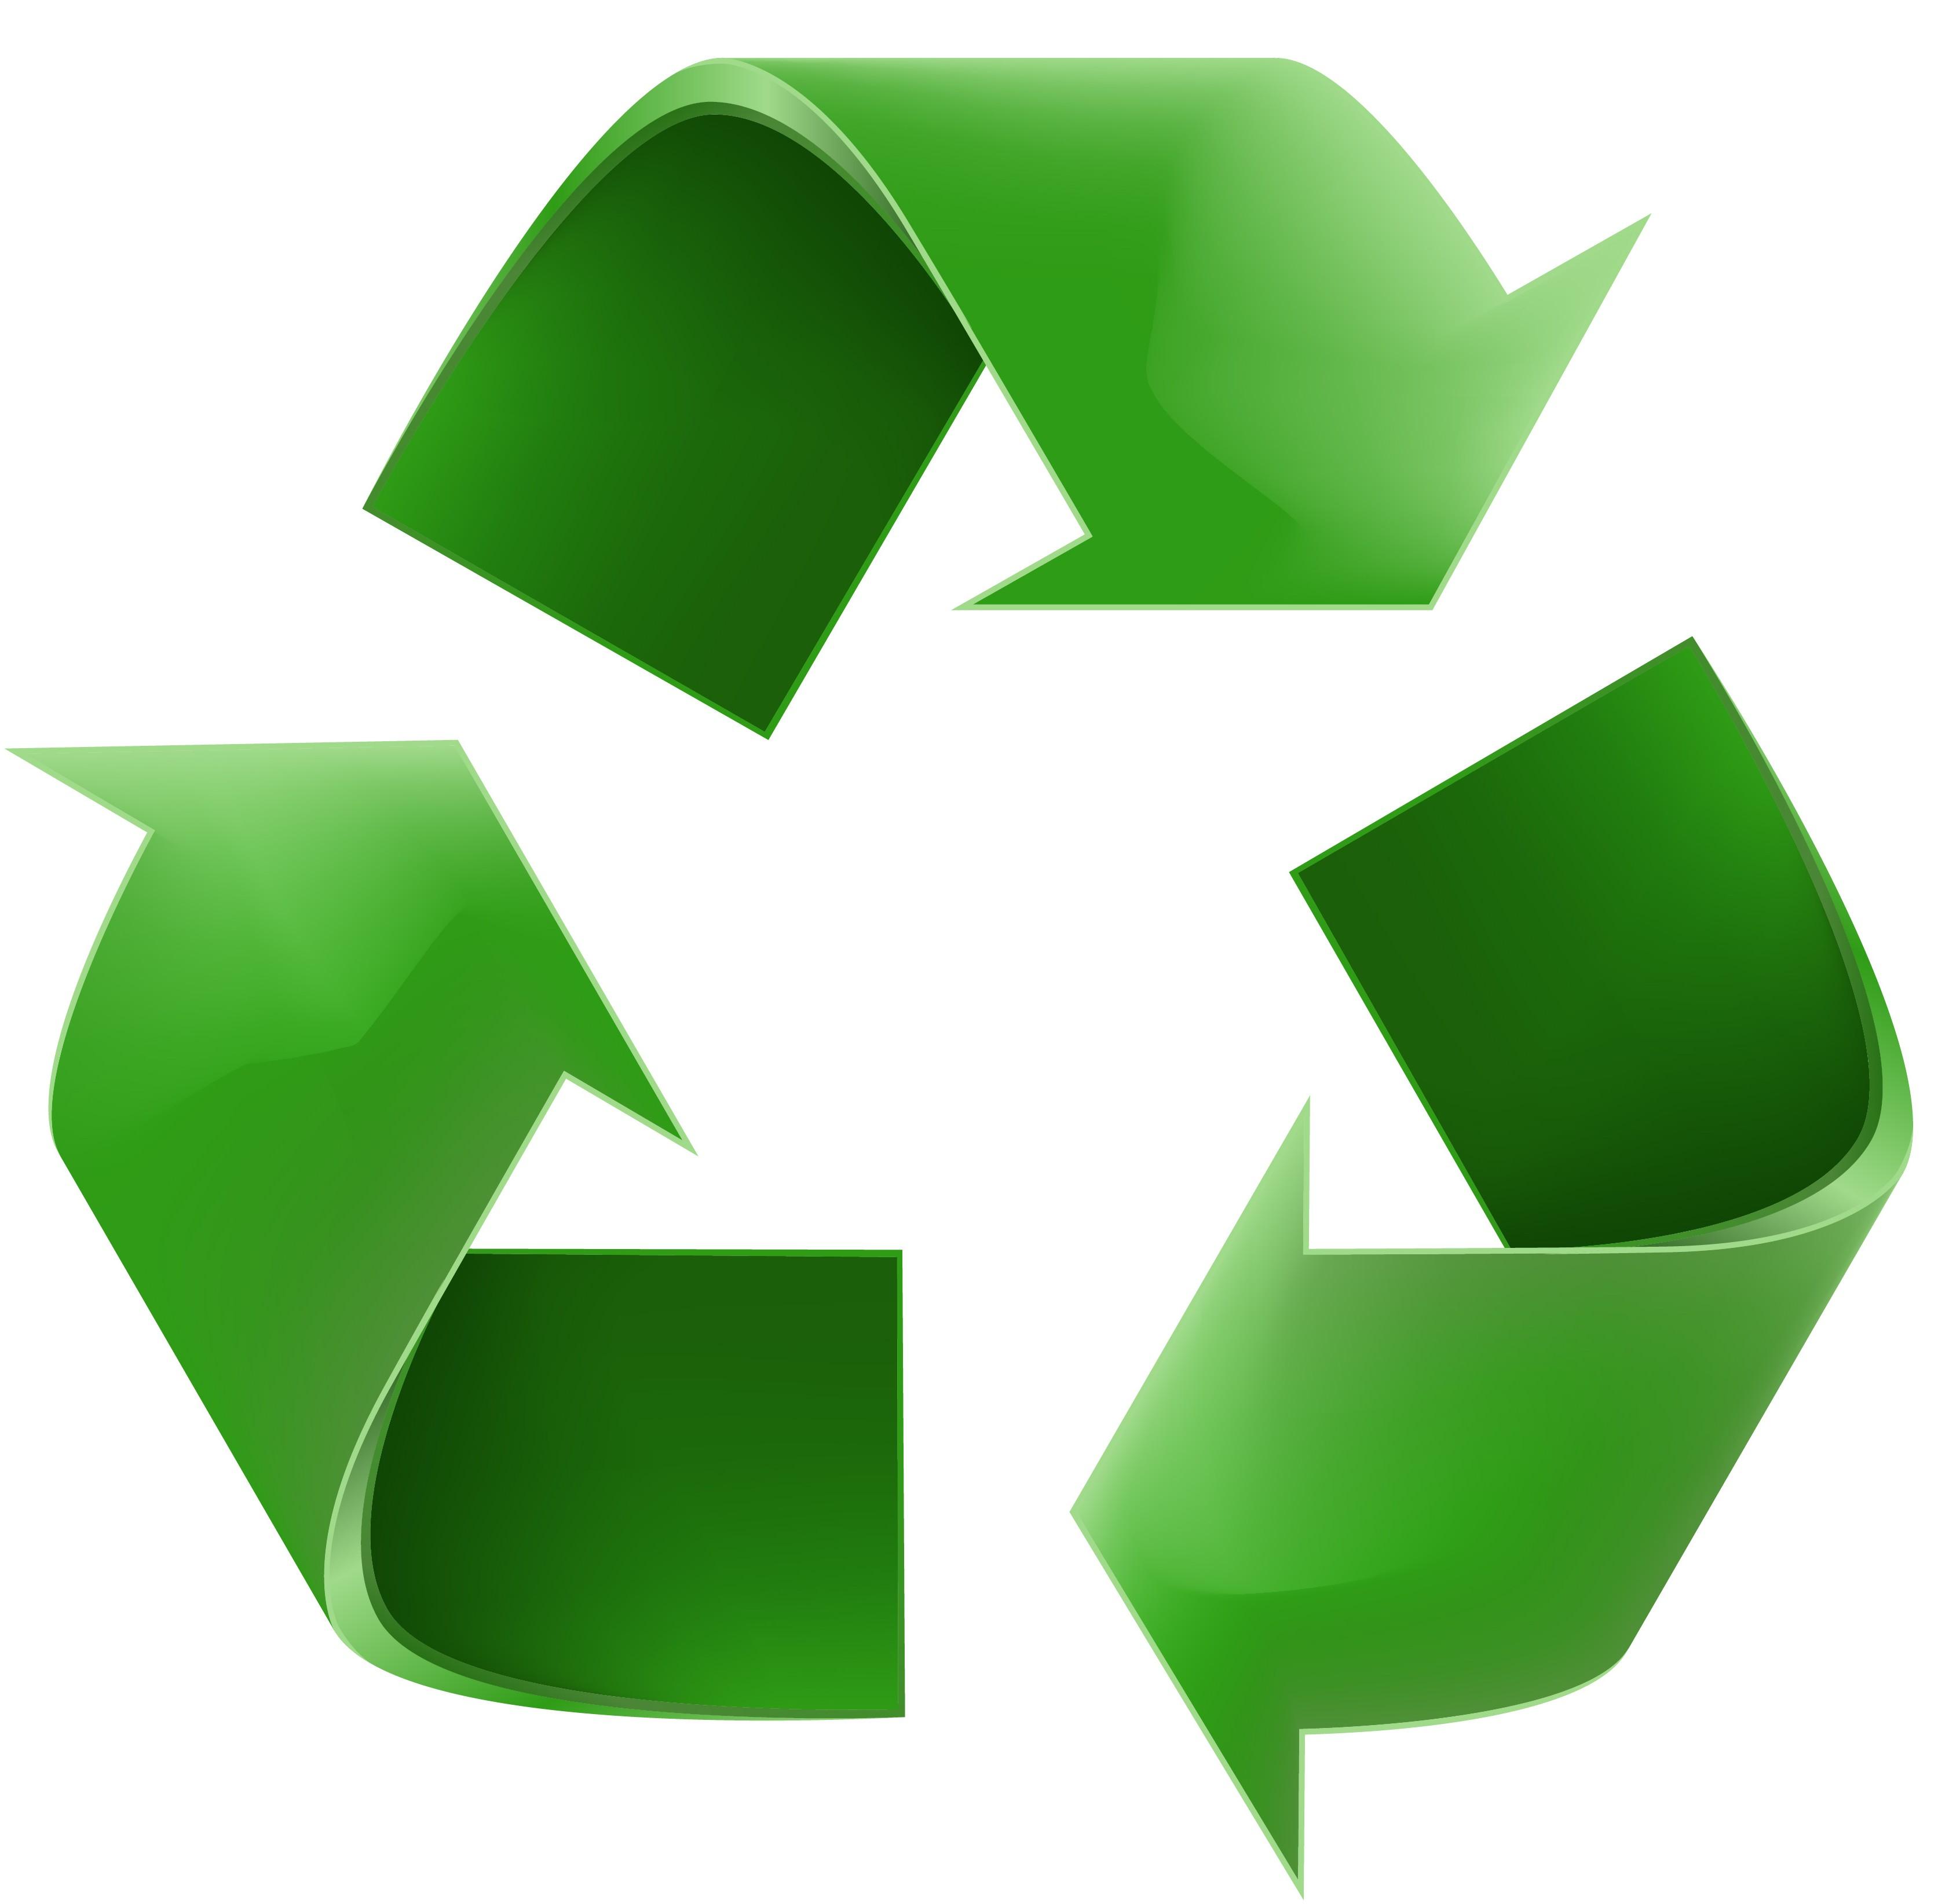 Raccolta differenziata dei rifiuti - calendario 2021